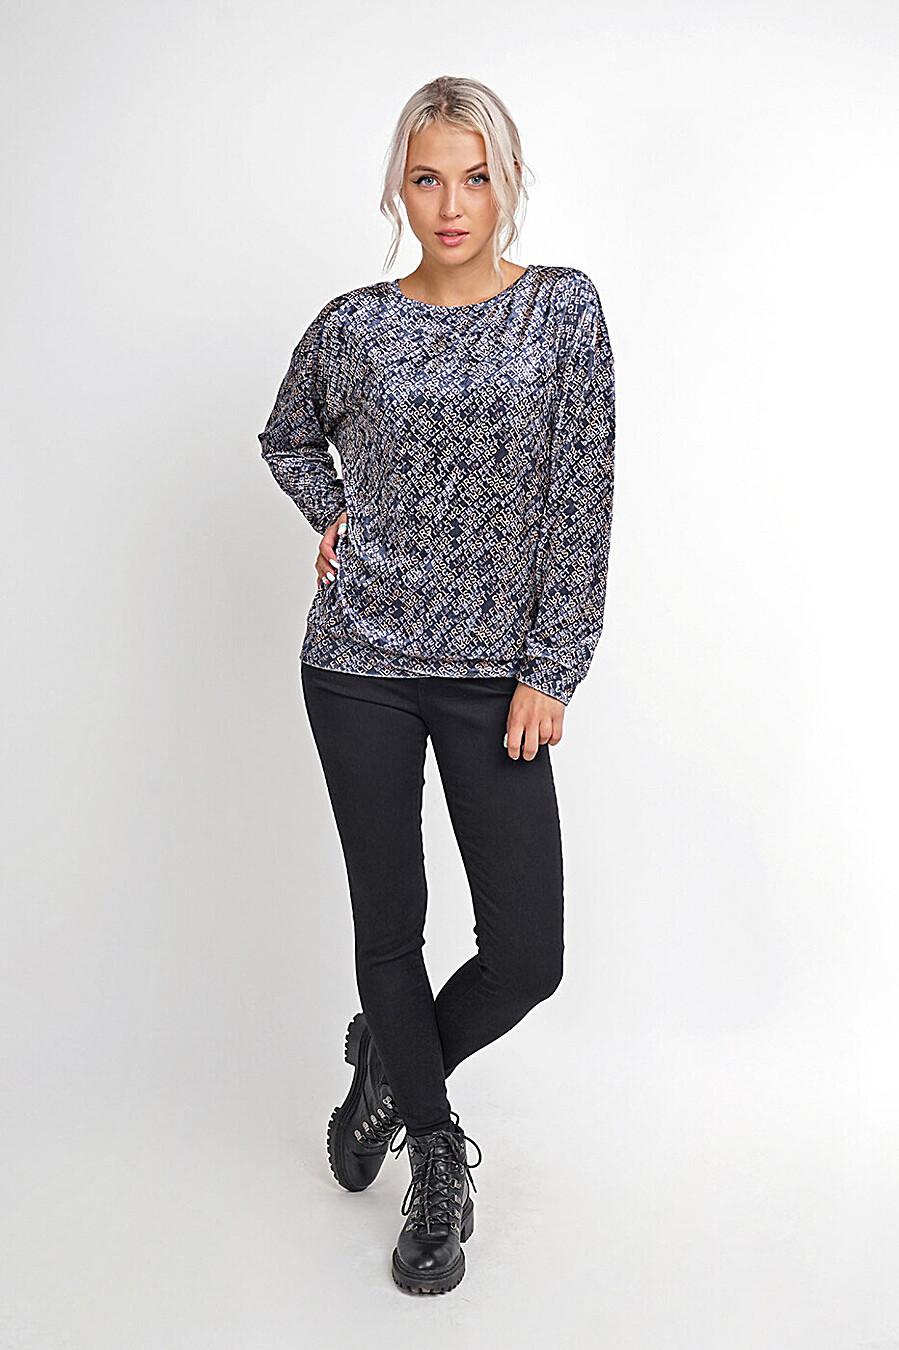 Джемпер для женщин CLEVER 272875 купить оптом от производителя. Совместная покупка женской одежды в OptMoyo